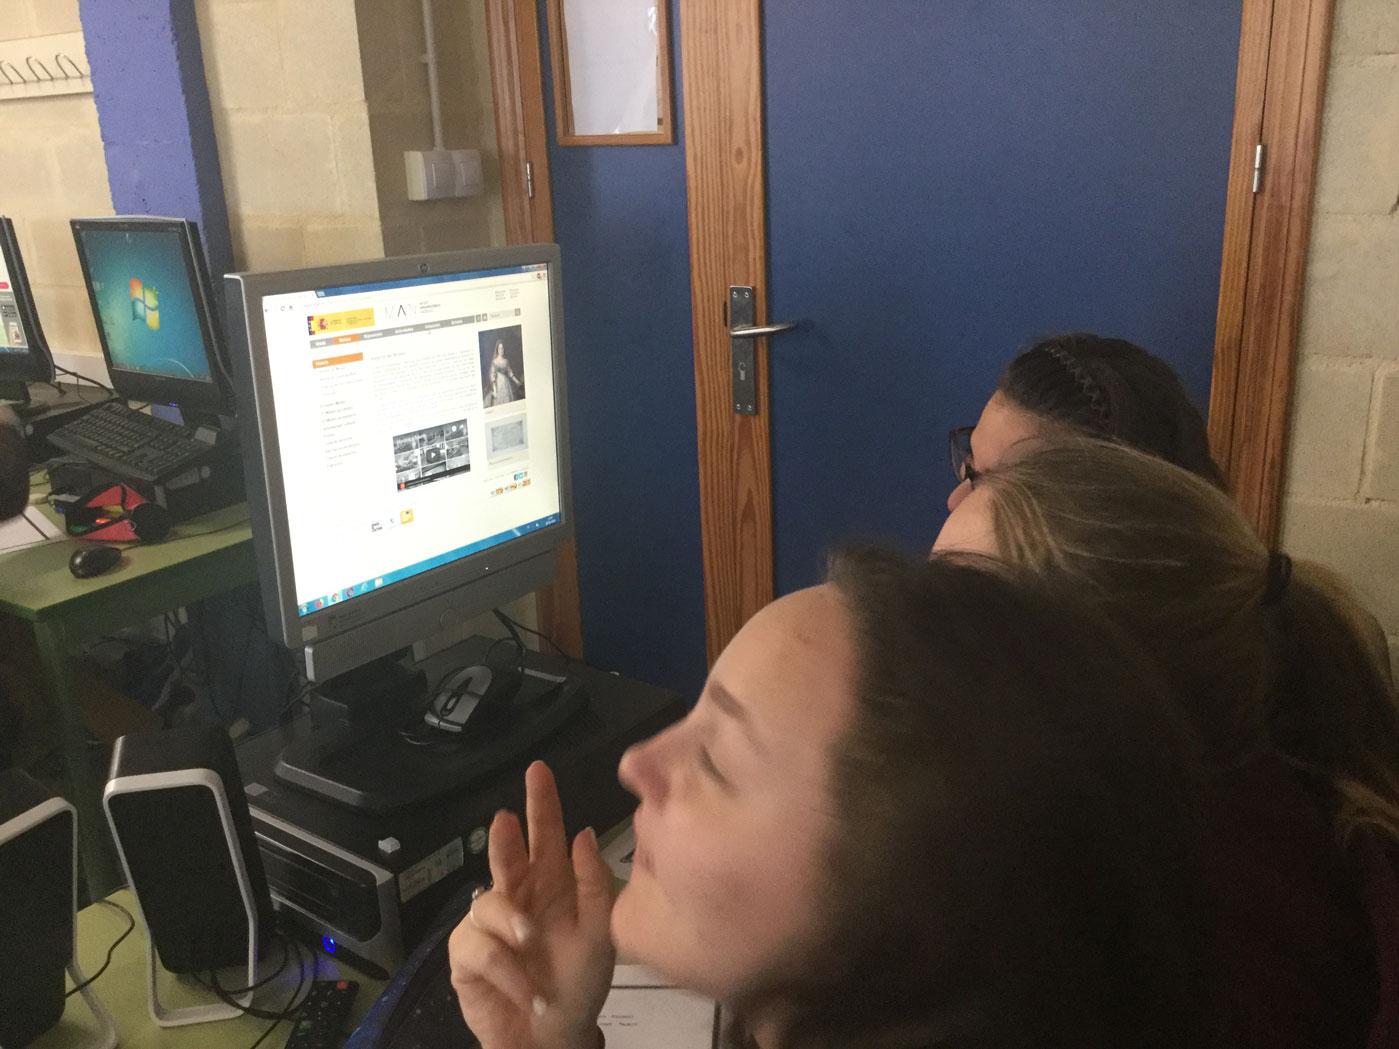 Buscando información en el aula de ordenadores.